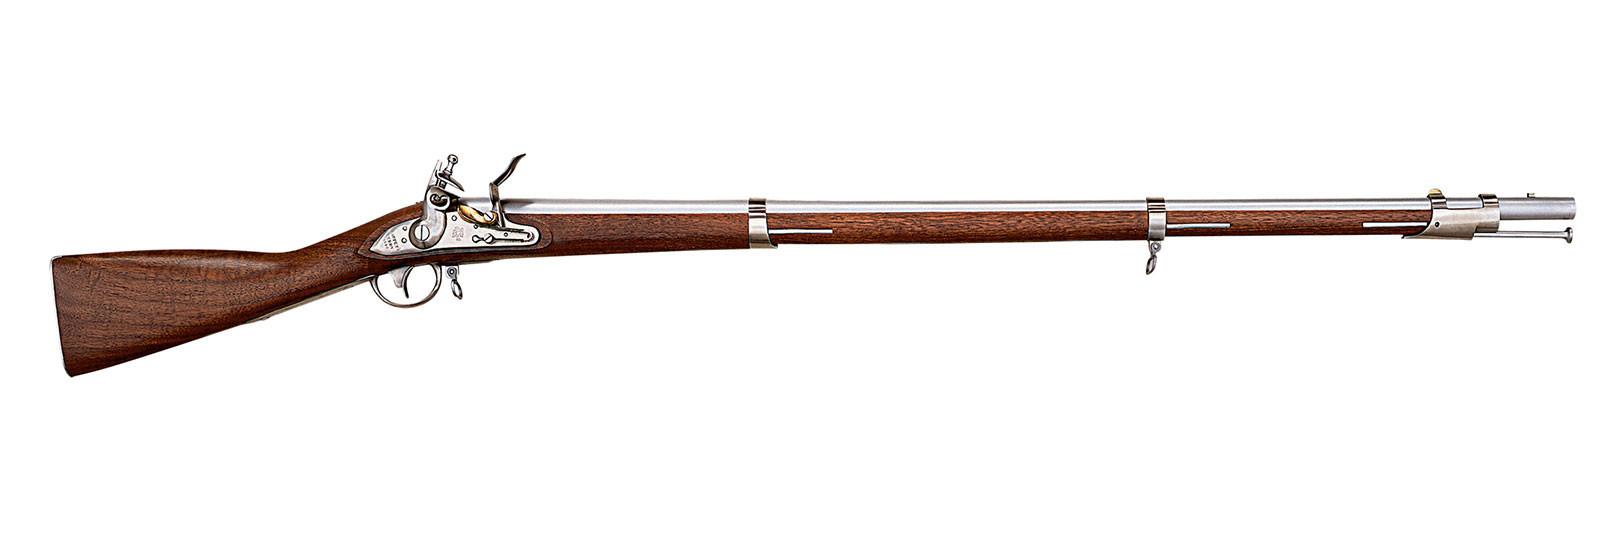 1816 Harper's Ferry Rifle flintlock model